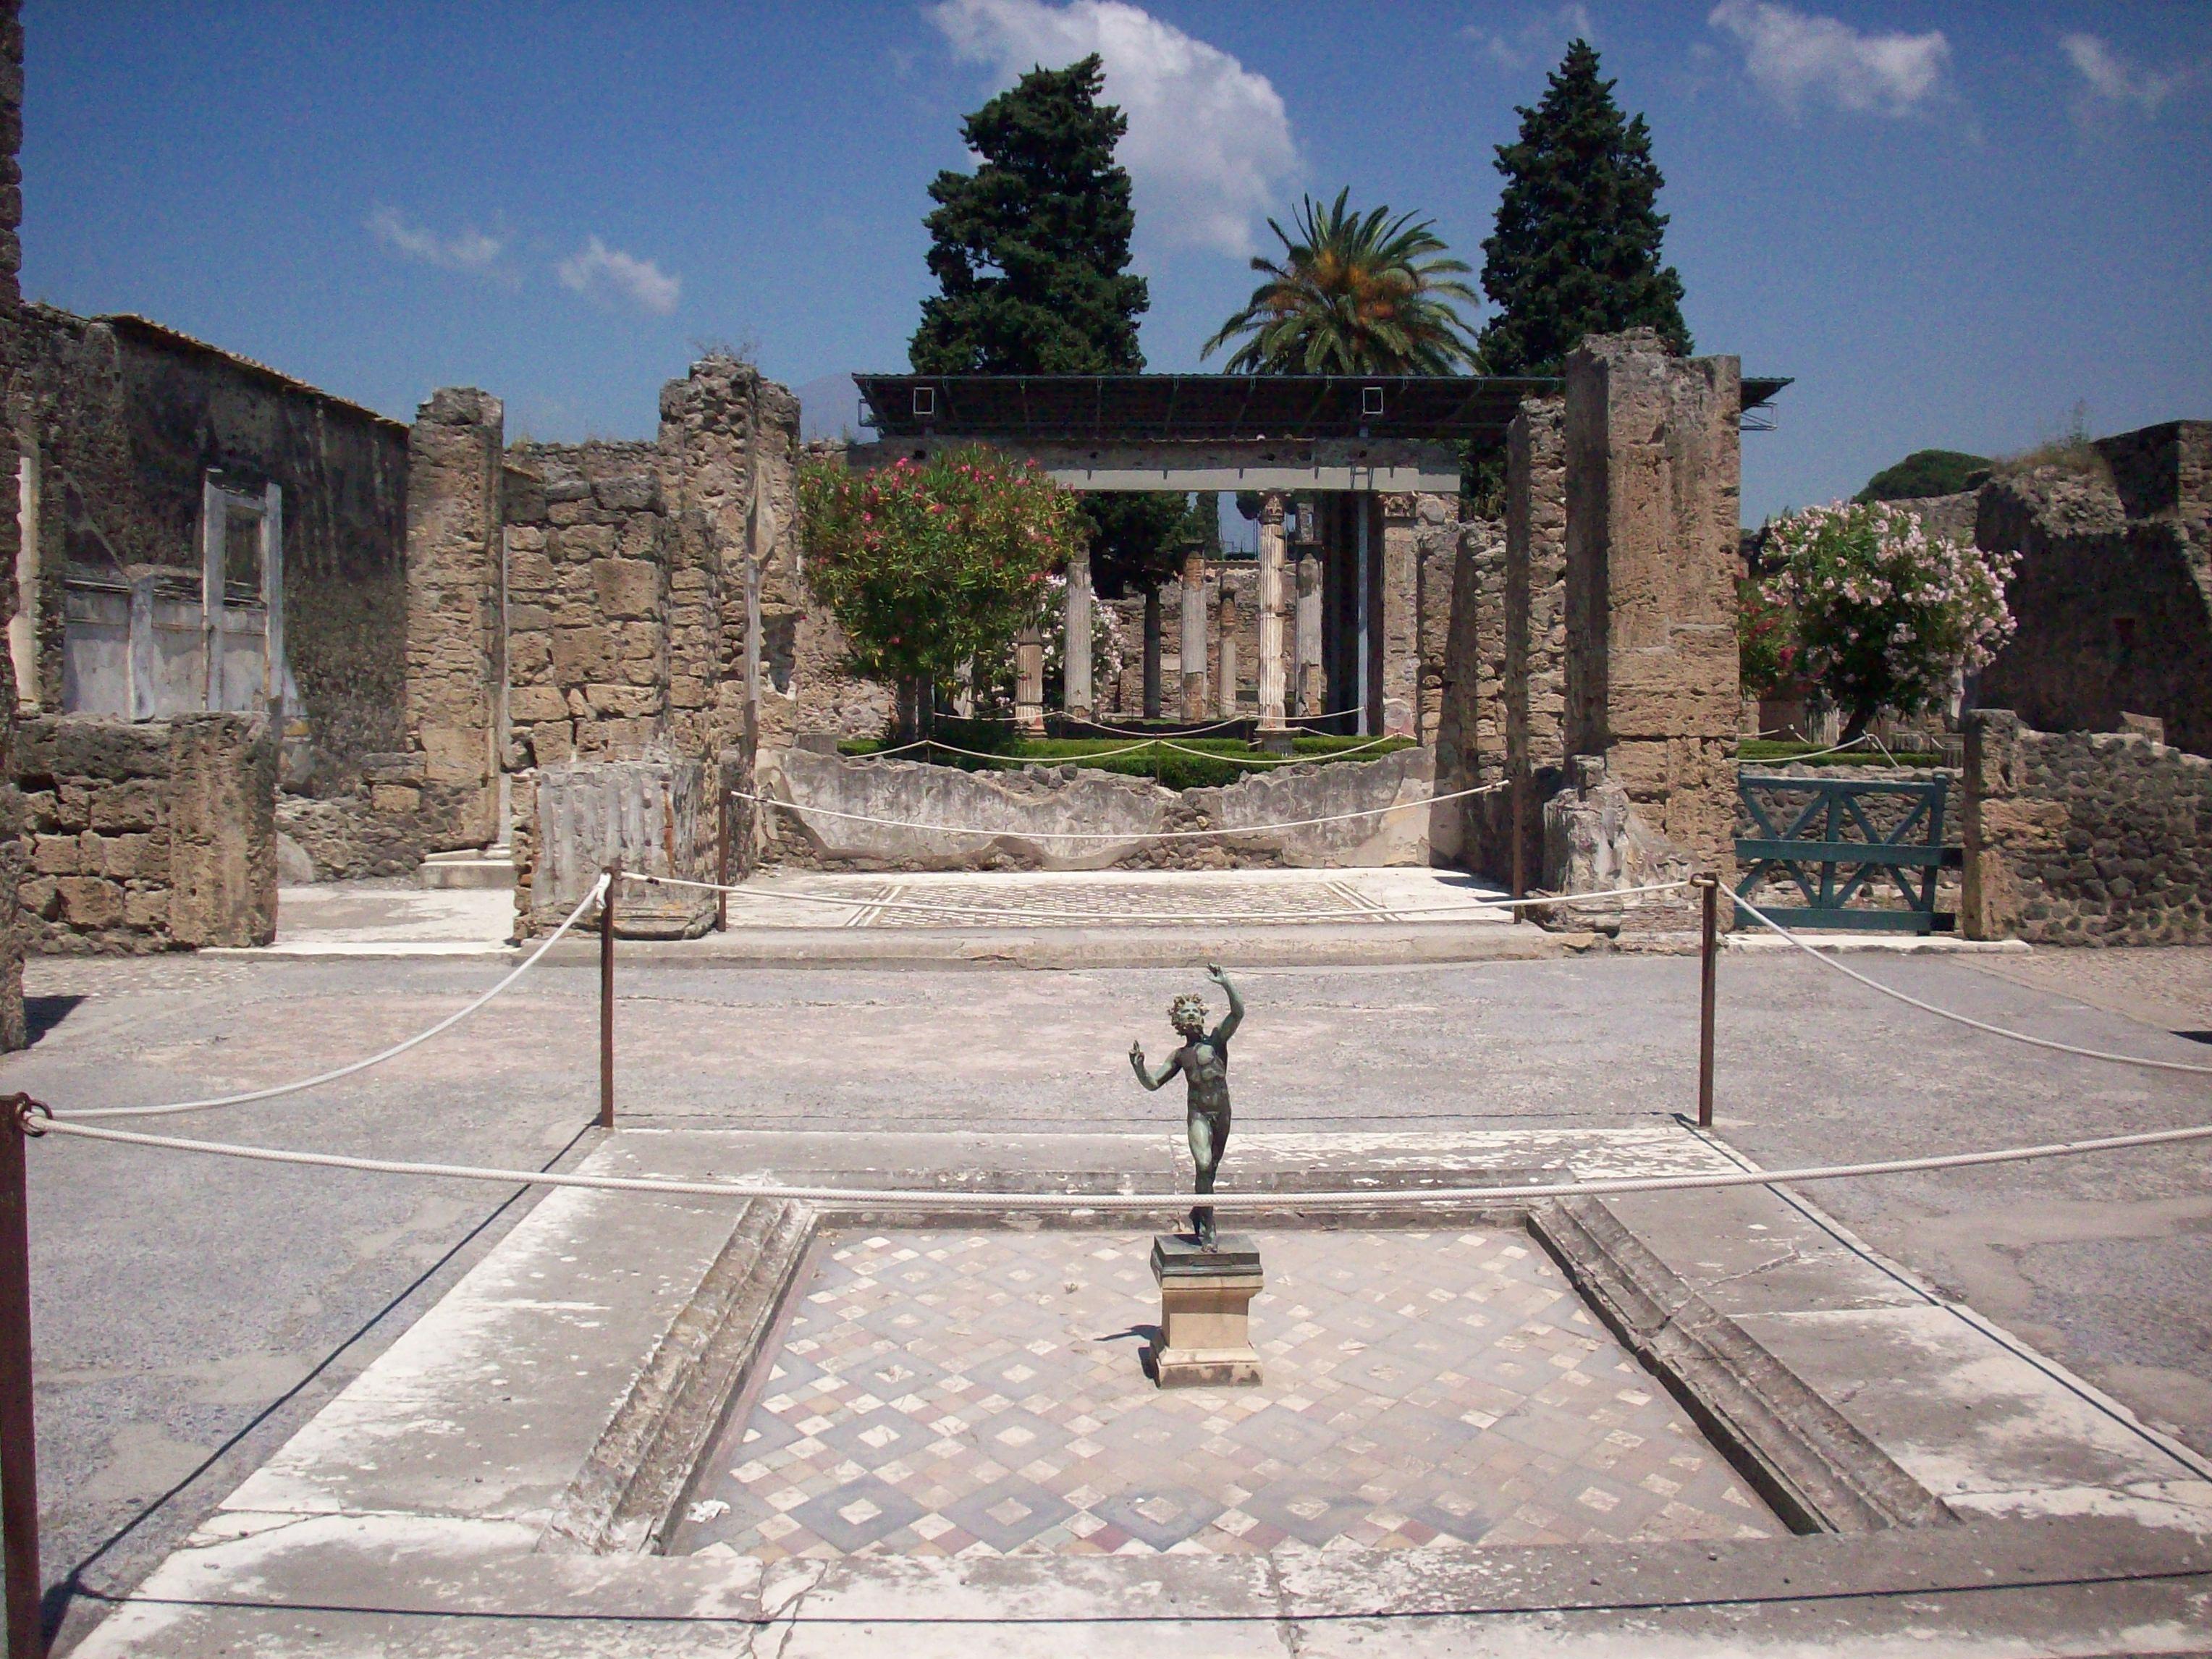 Casa del Fauno, Pompeii